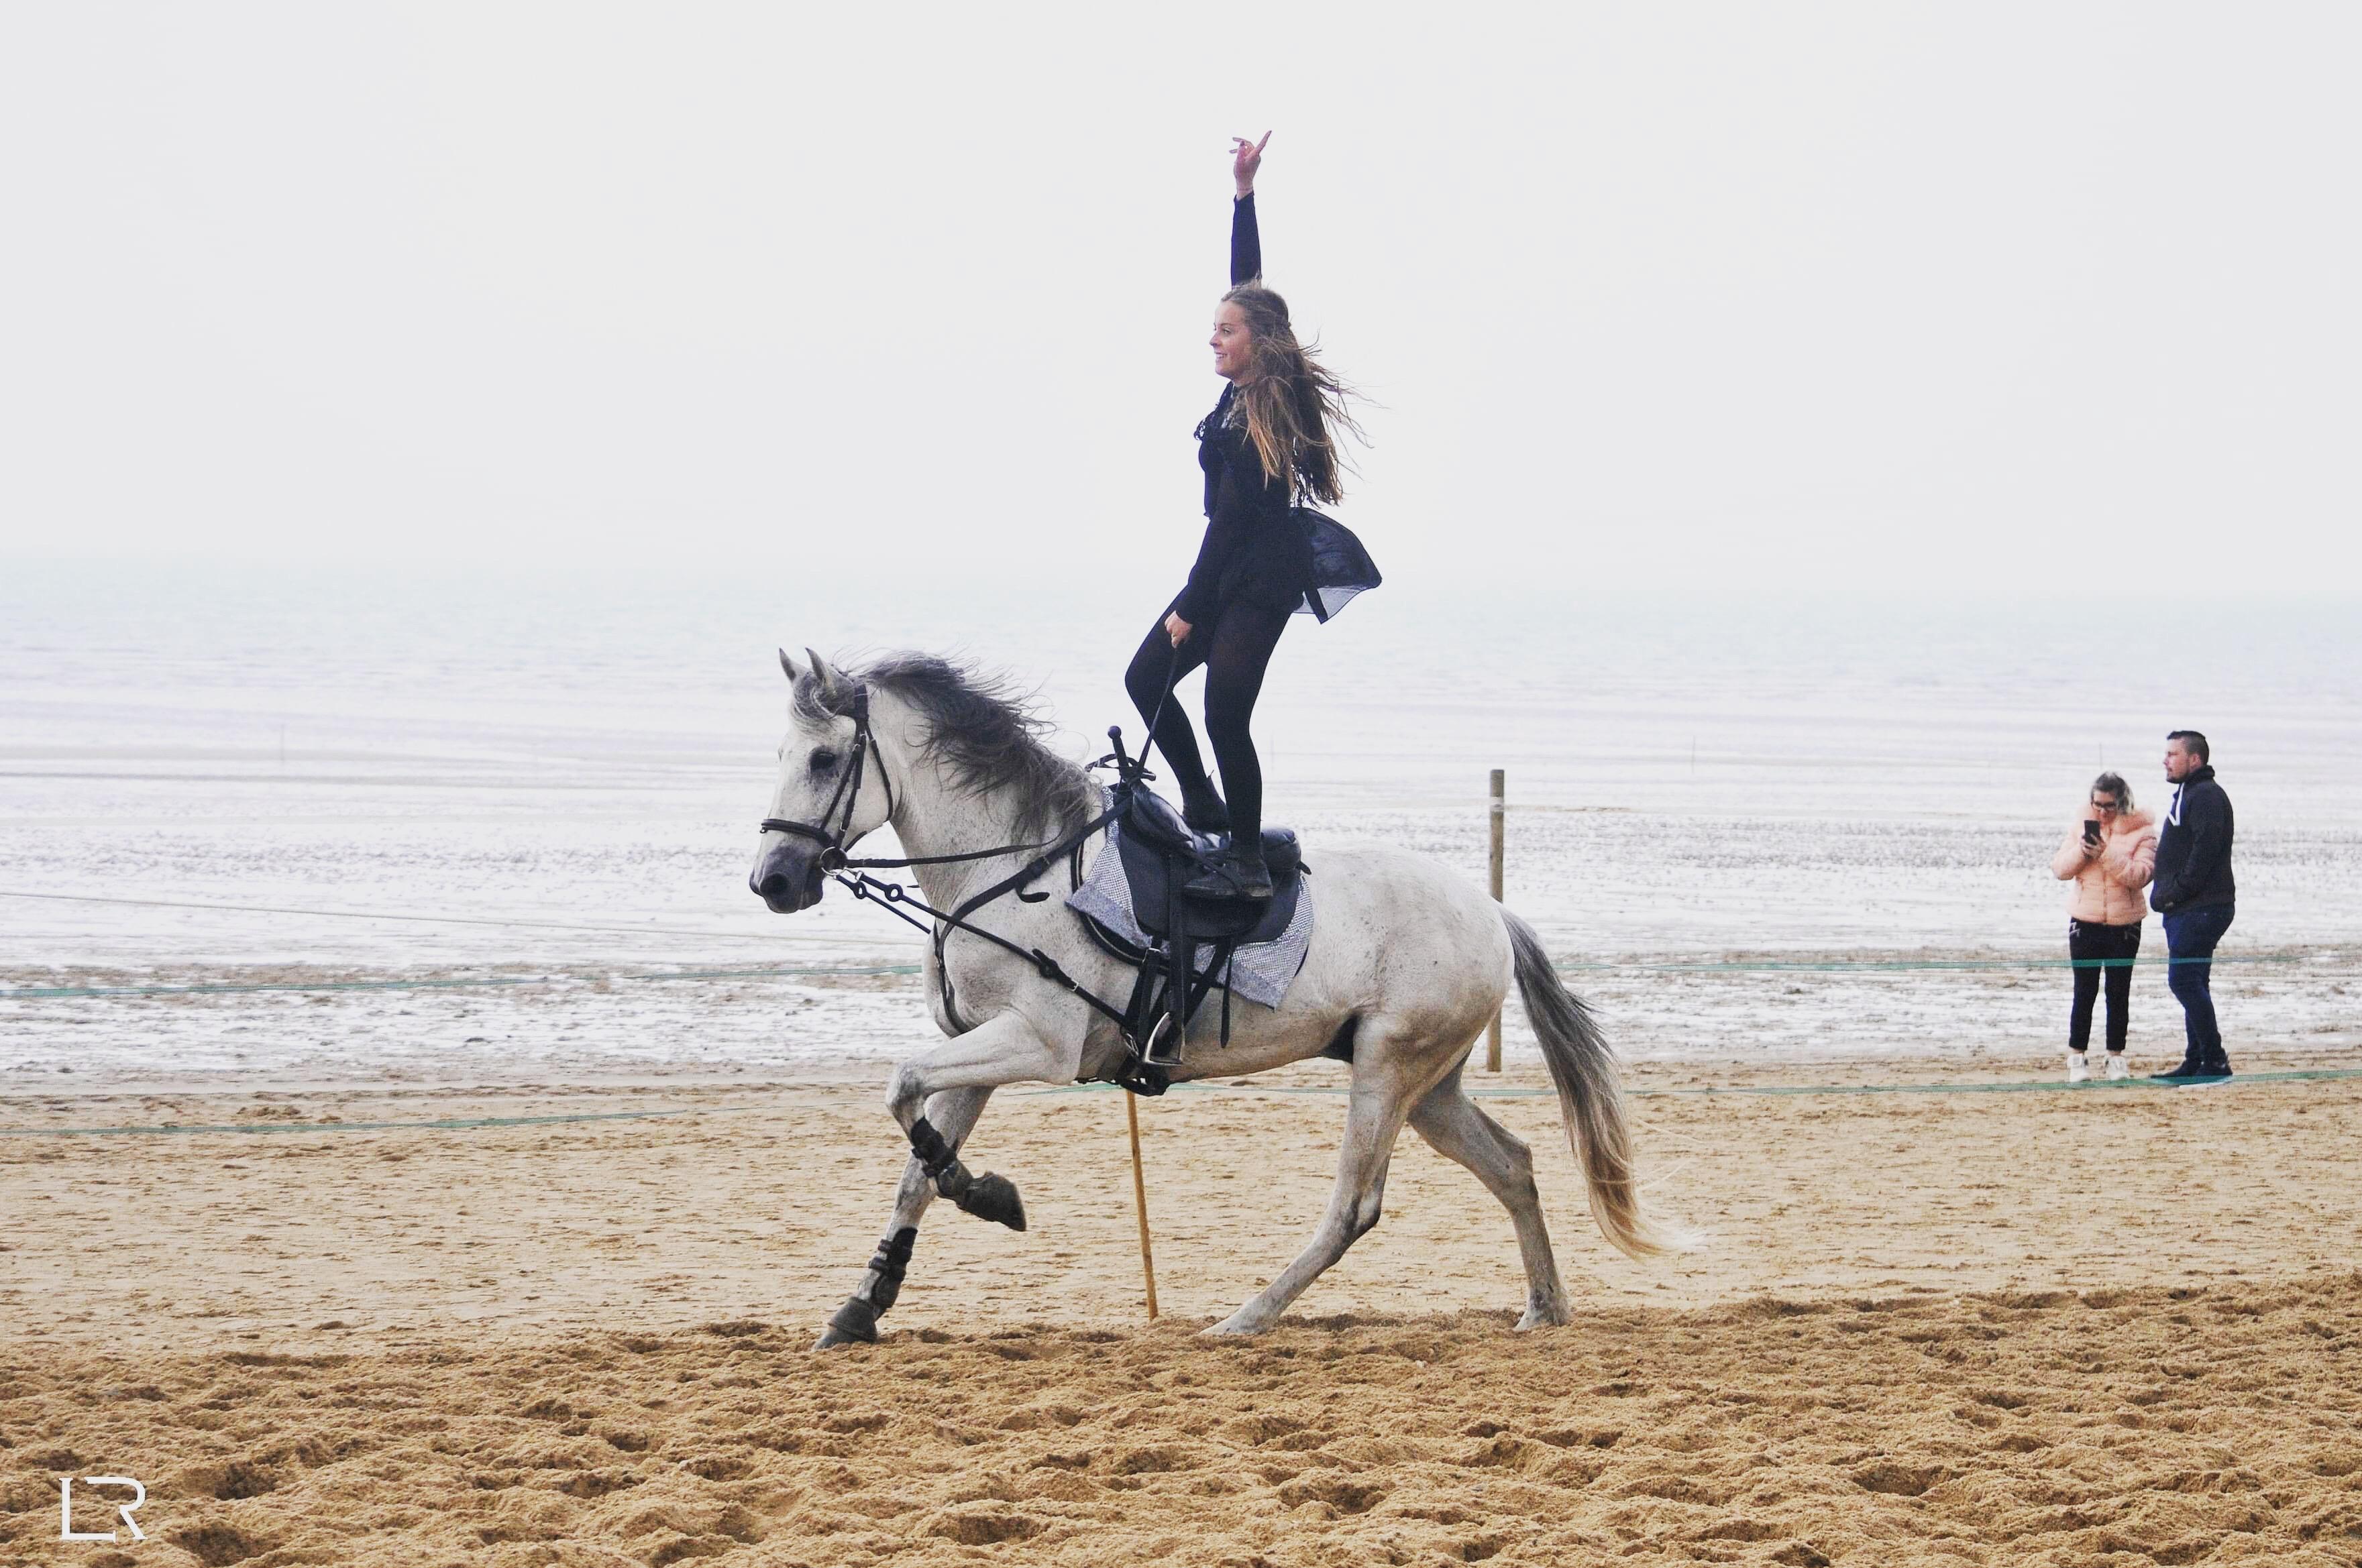 équitation normandie plage